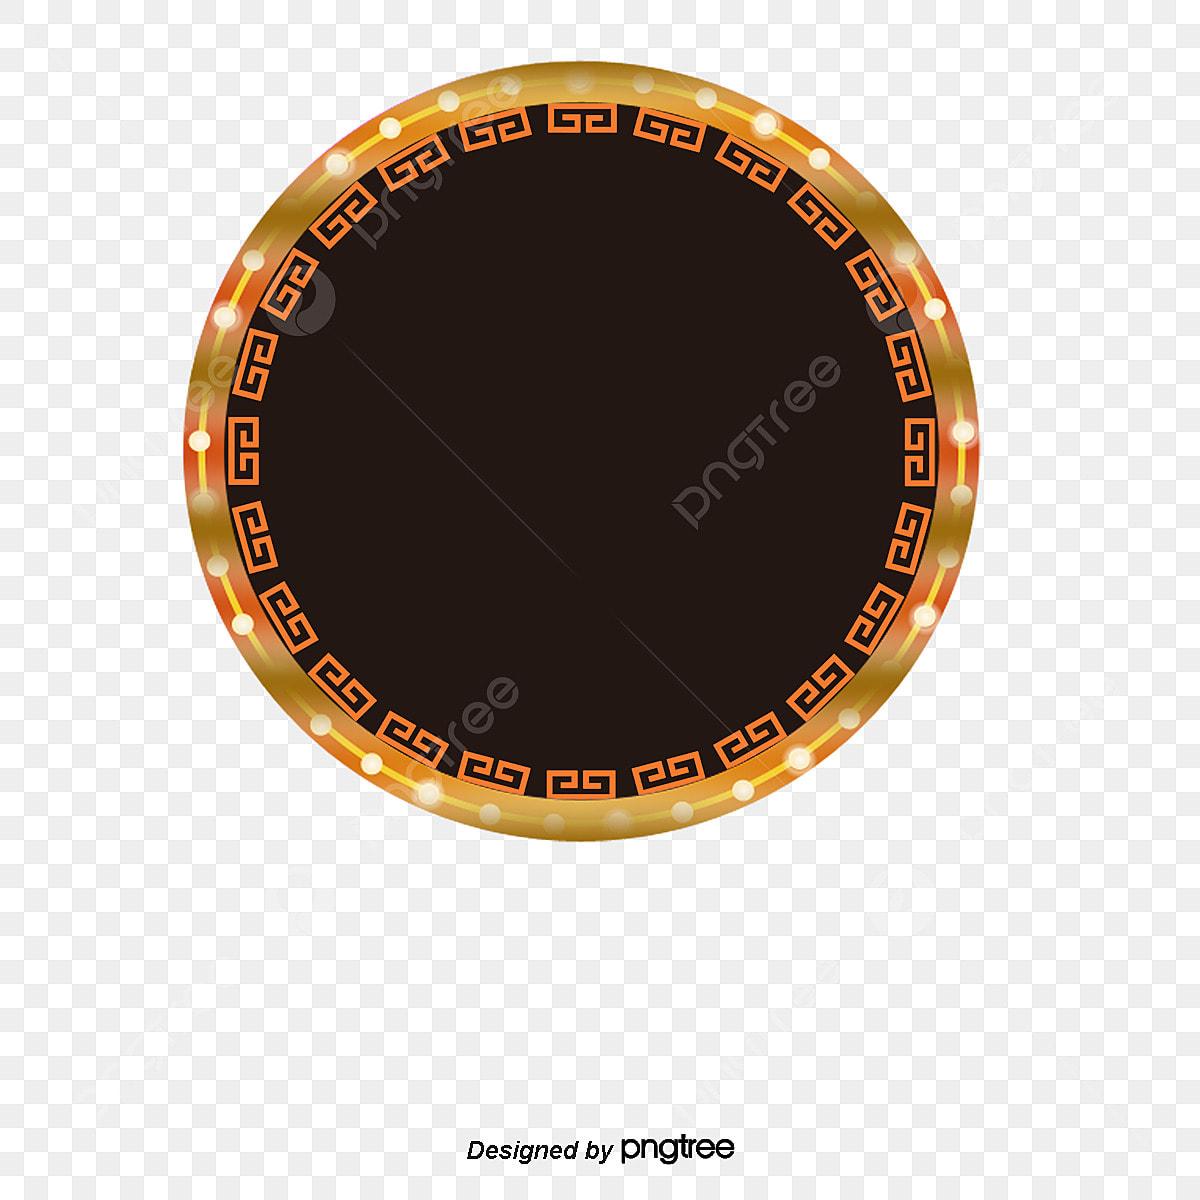 تصميم شعار ختم تصميم شعار شعار الشركة الشعار التجاري Png وملف